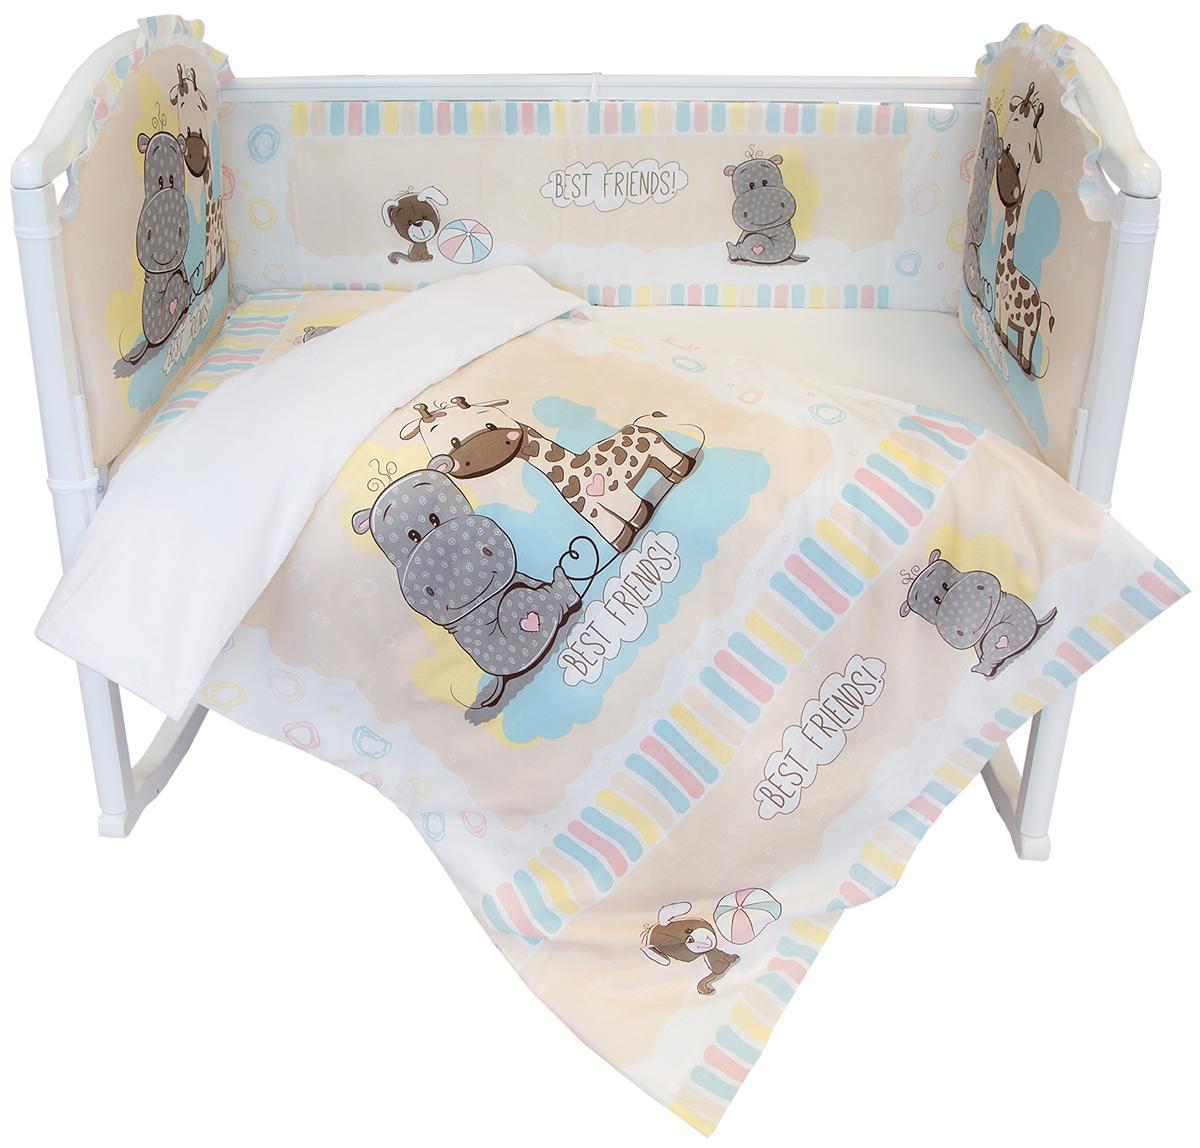 Baby Nice Комплект в кроватку Лучшие друзья 6 предметов цвет бежевыйH3/2Комплект в кроватку для самых маленьких должен быть изготовлен только из самой качественной ткани, самой безопасной и гигиеничной, самой экологичной и гипоаллергенной. Отлично подходит для кроваток малышей, которые часто двигаются во сне. Хлопковое волокно прекрасно переносит стирку, быстро сохнет и не требует особого ухода, не линяет и не вытягивается. Ткань прошла специальную обработку по умягчению, что сделало ее невероятно мягкой и приятной к телу.